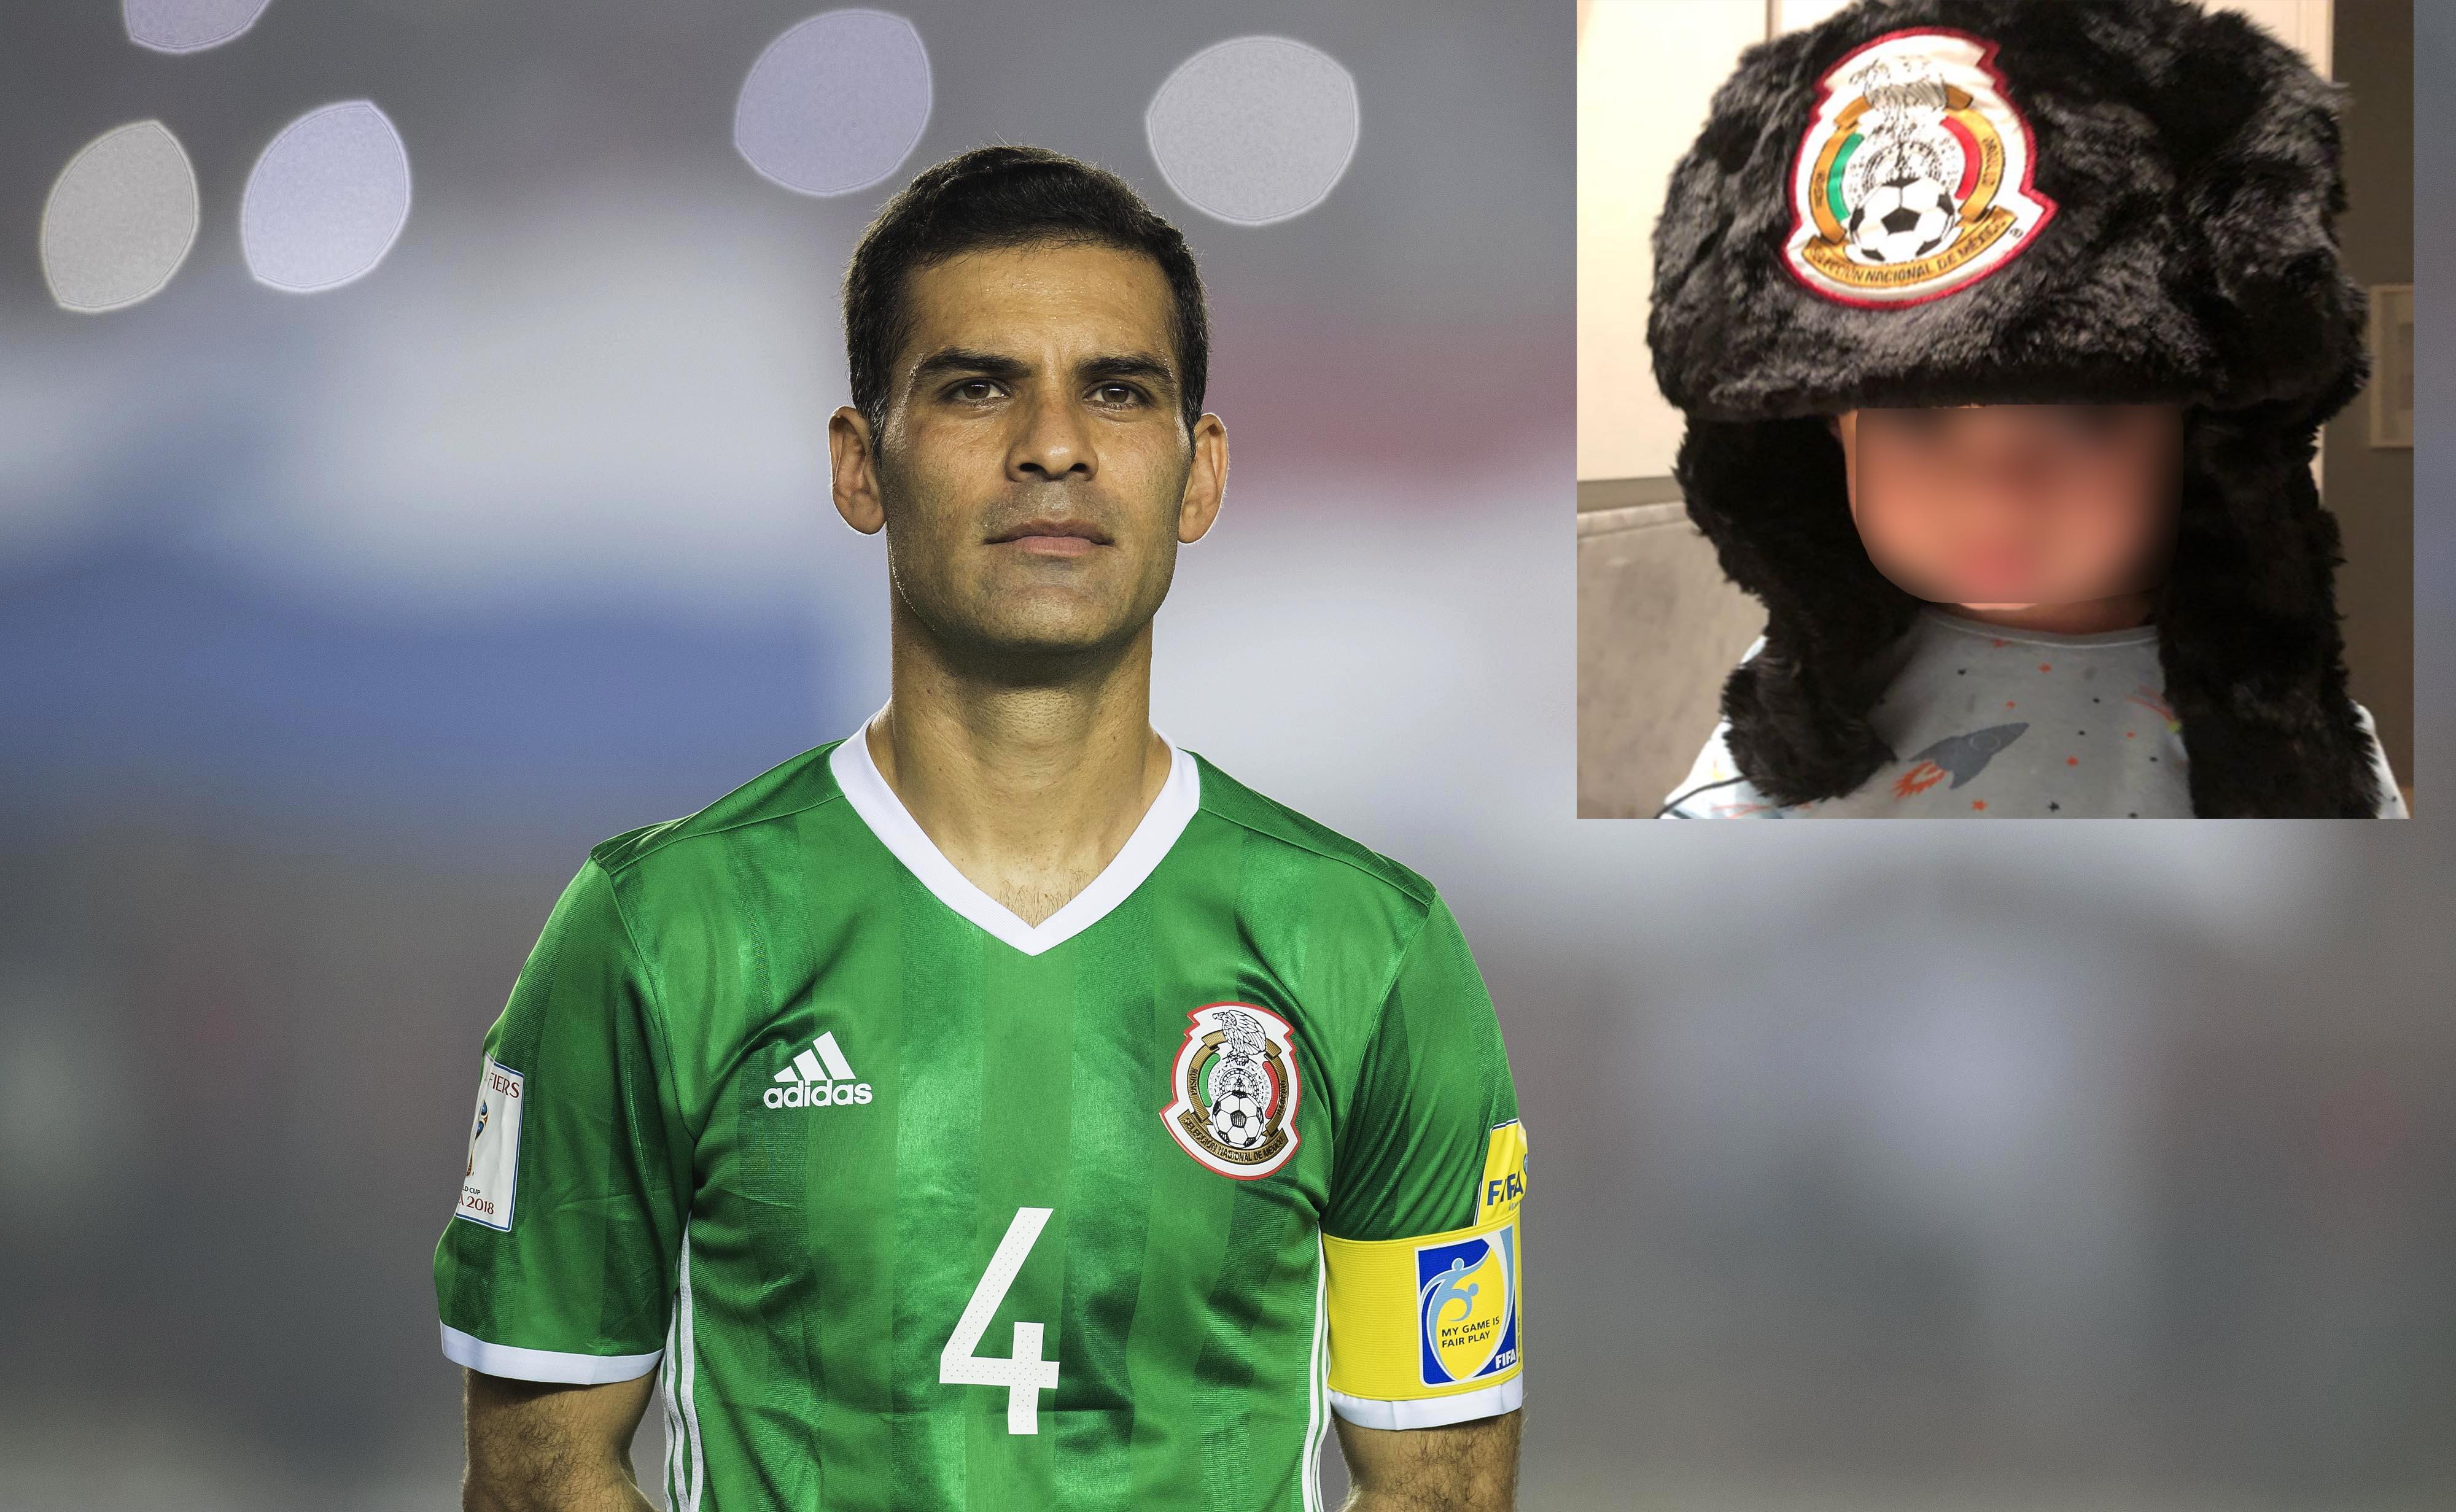 Hijo de Rafa Márquez se alista para 'jugar' el Mundial (FOTOS)